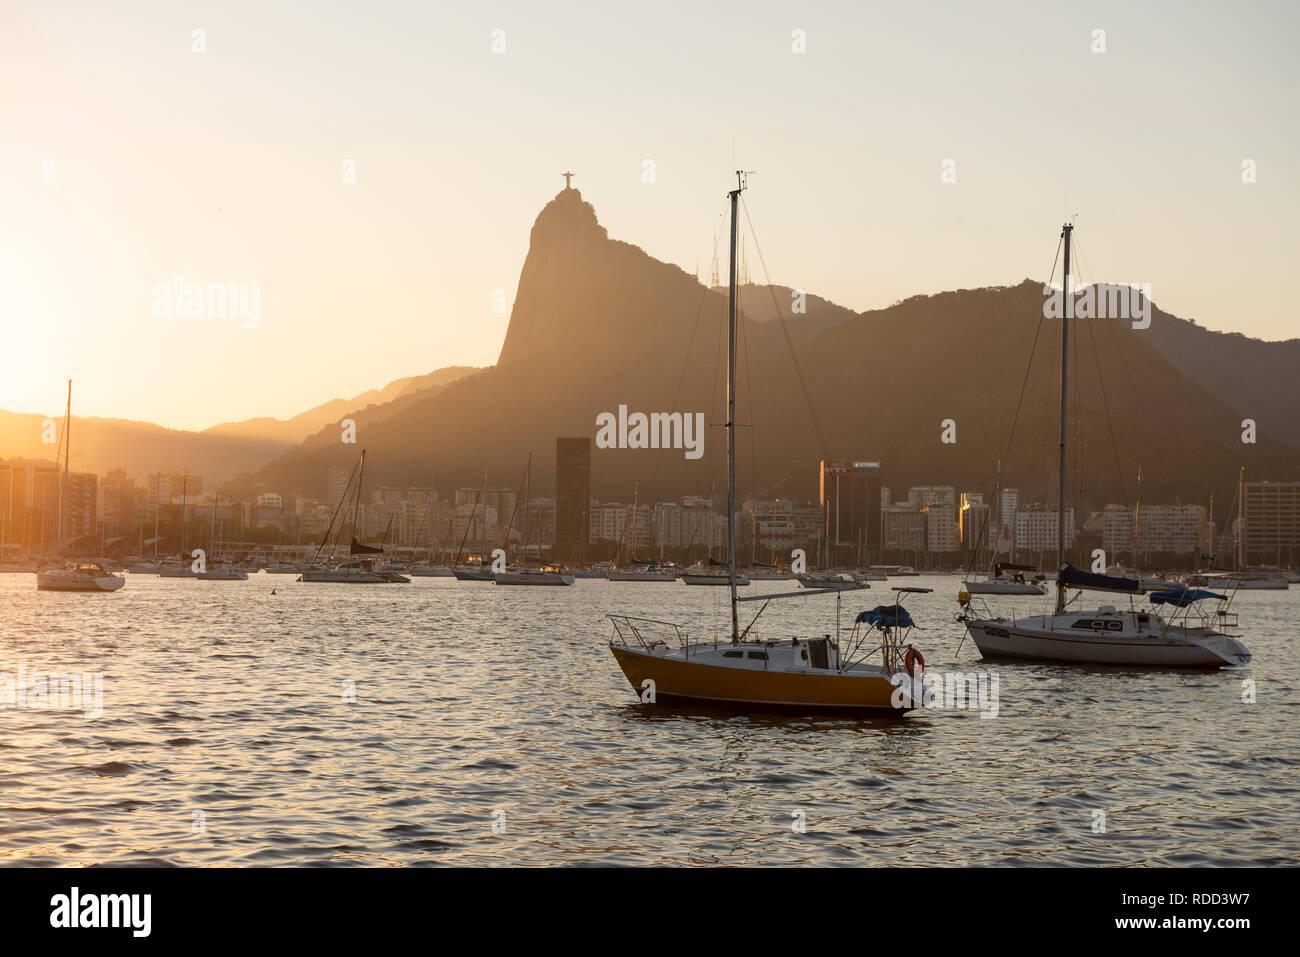 Boote an der Baía de Guanabara, Rio de Janeiro, Brasilien Stockfoto